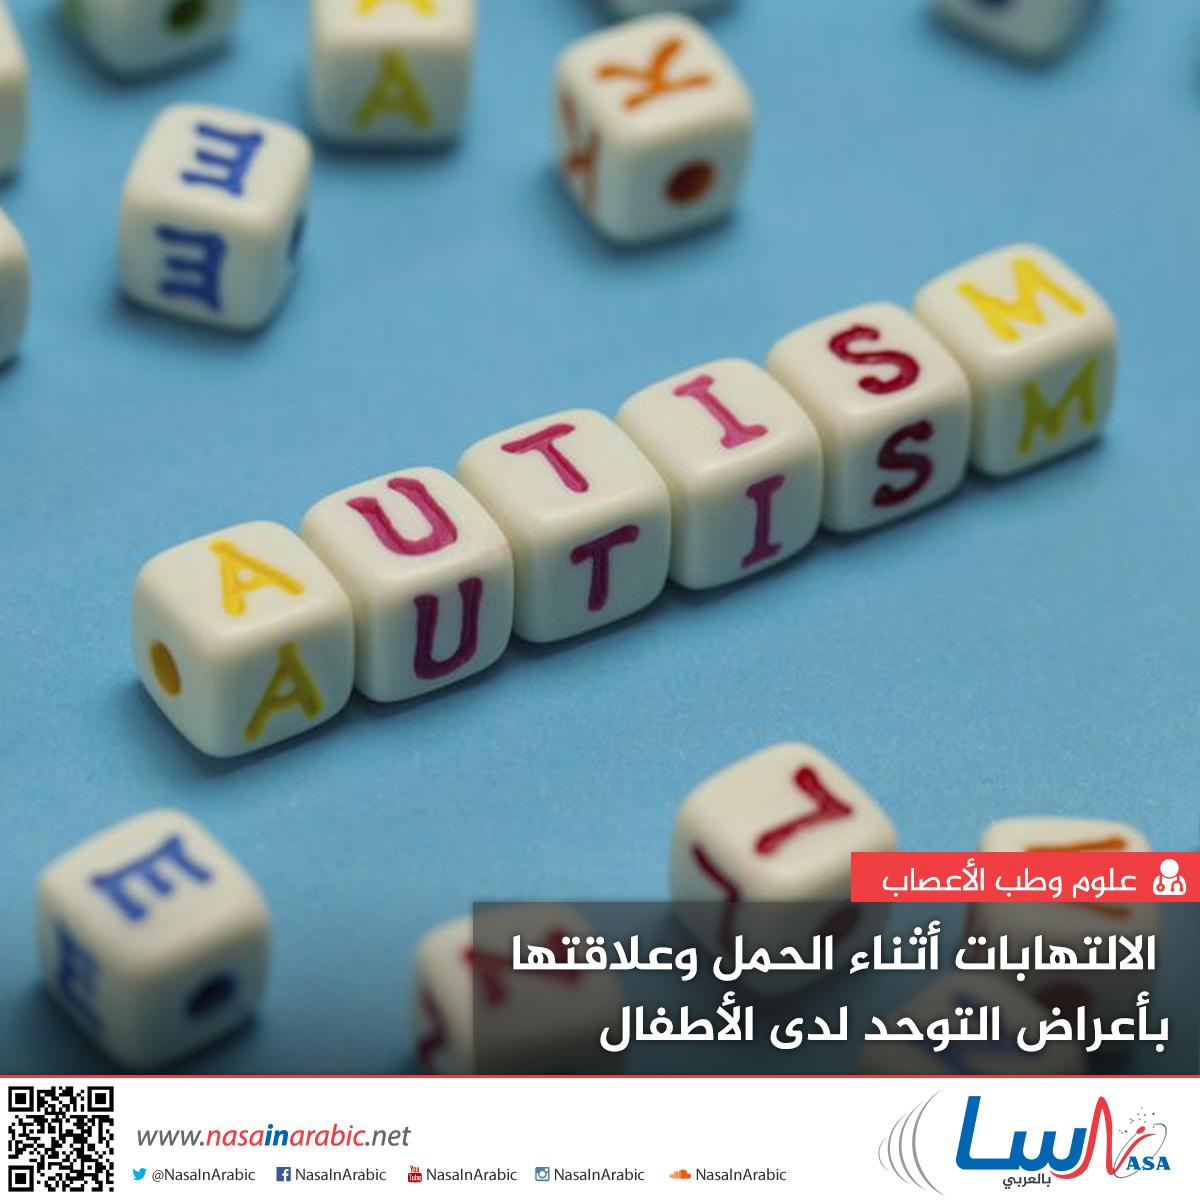 الالتهابات أثناء الحمل وعلاقتها بأعراض التوحد لدى الأطفال